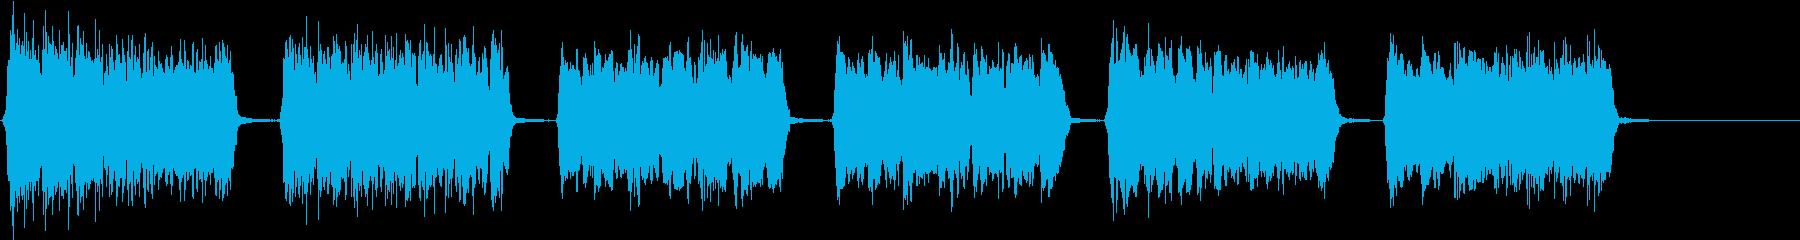 きらきら星(6歳女の子歌唱)アカペラの再生済みの波形